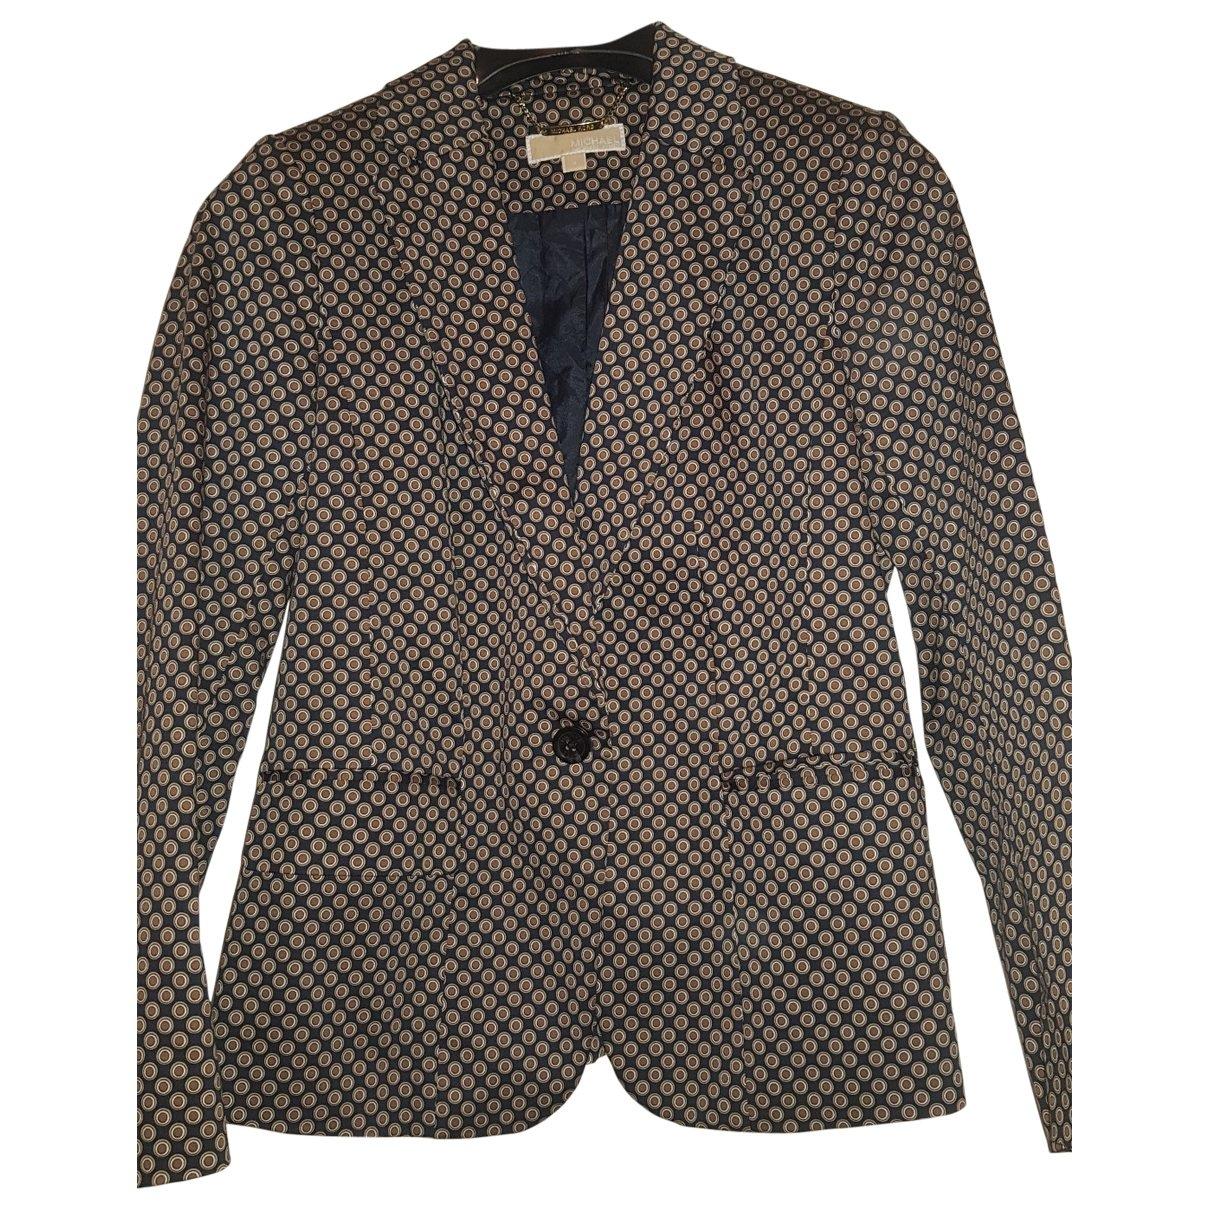 Michael Kors \N Jacke in  Bunt Polyester